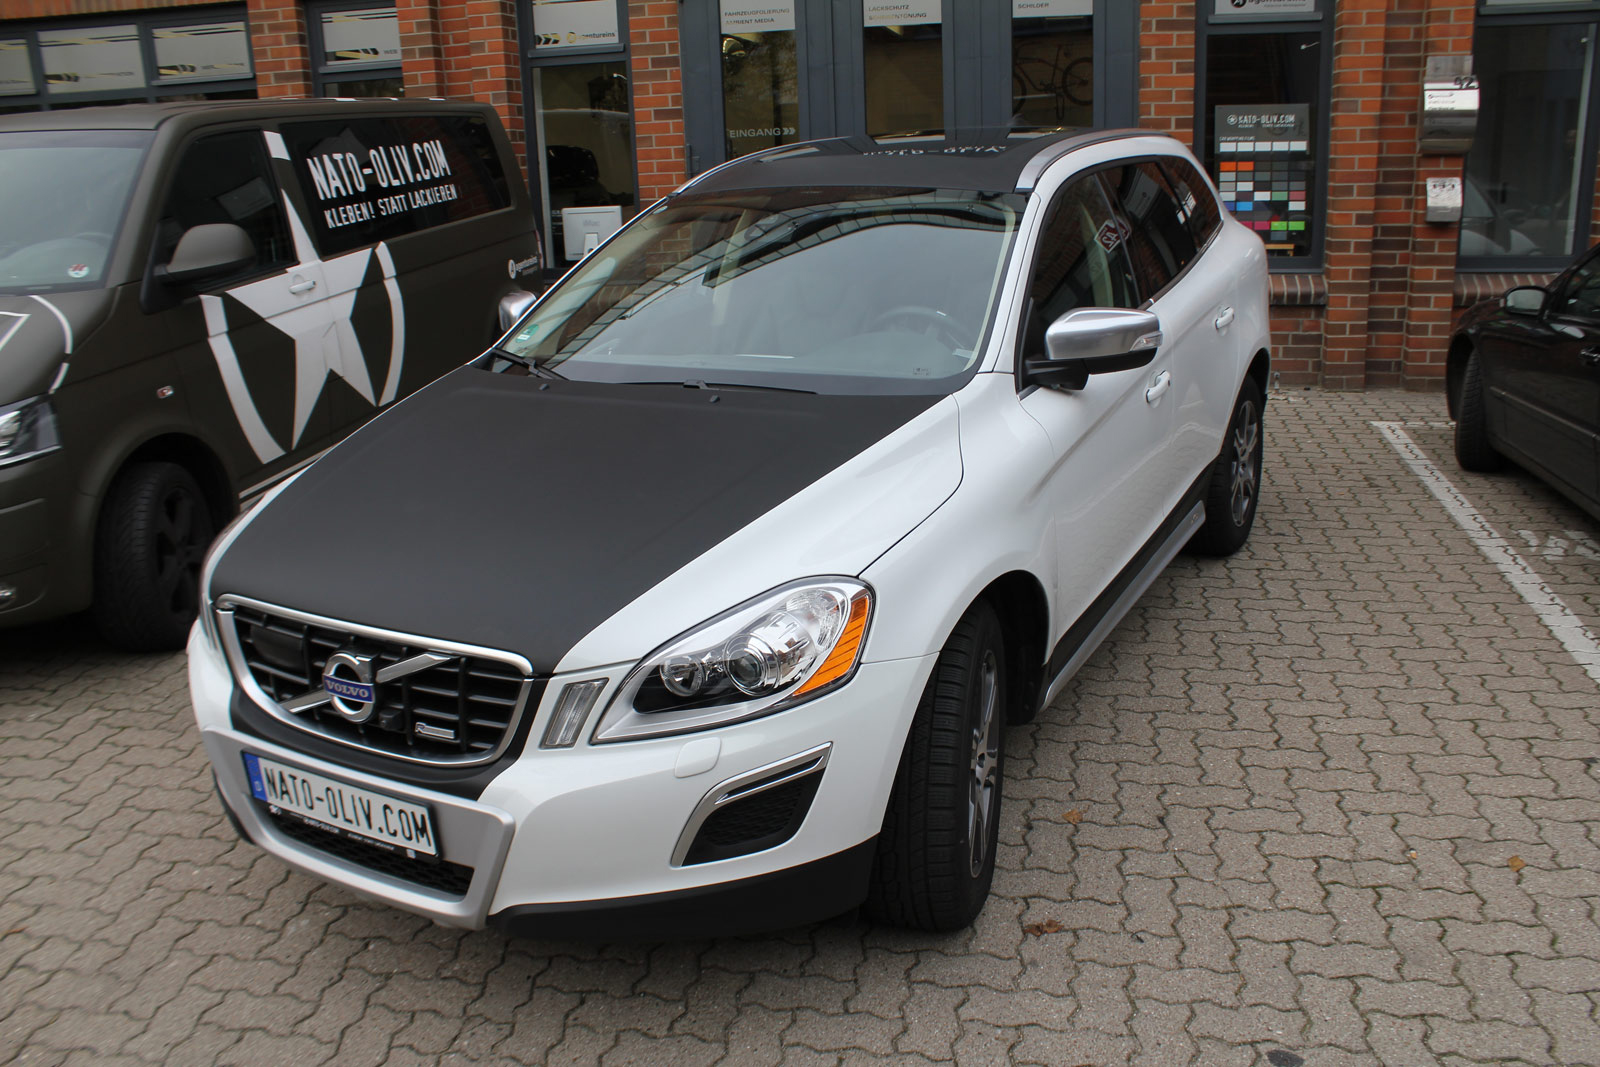 Volvo_XC60_Teilfolierung_schwarz_matt_haube_dach_05